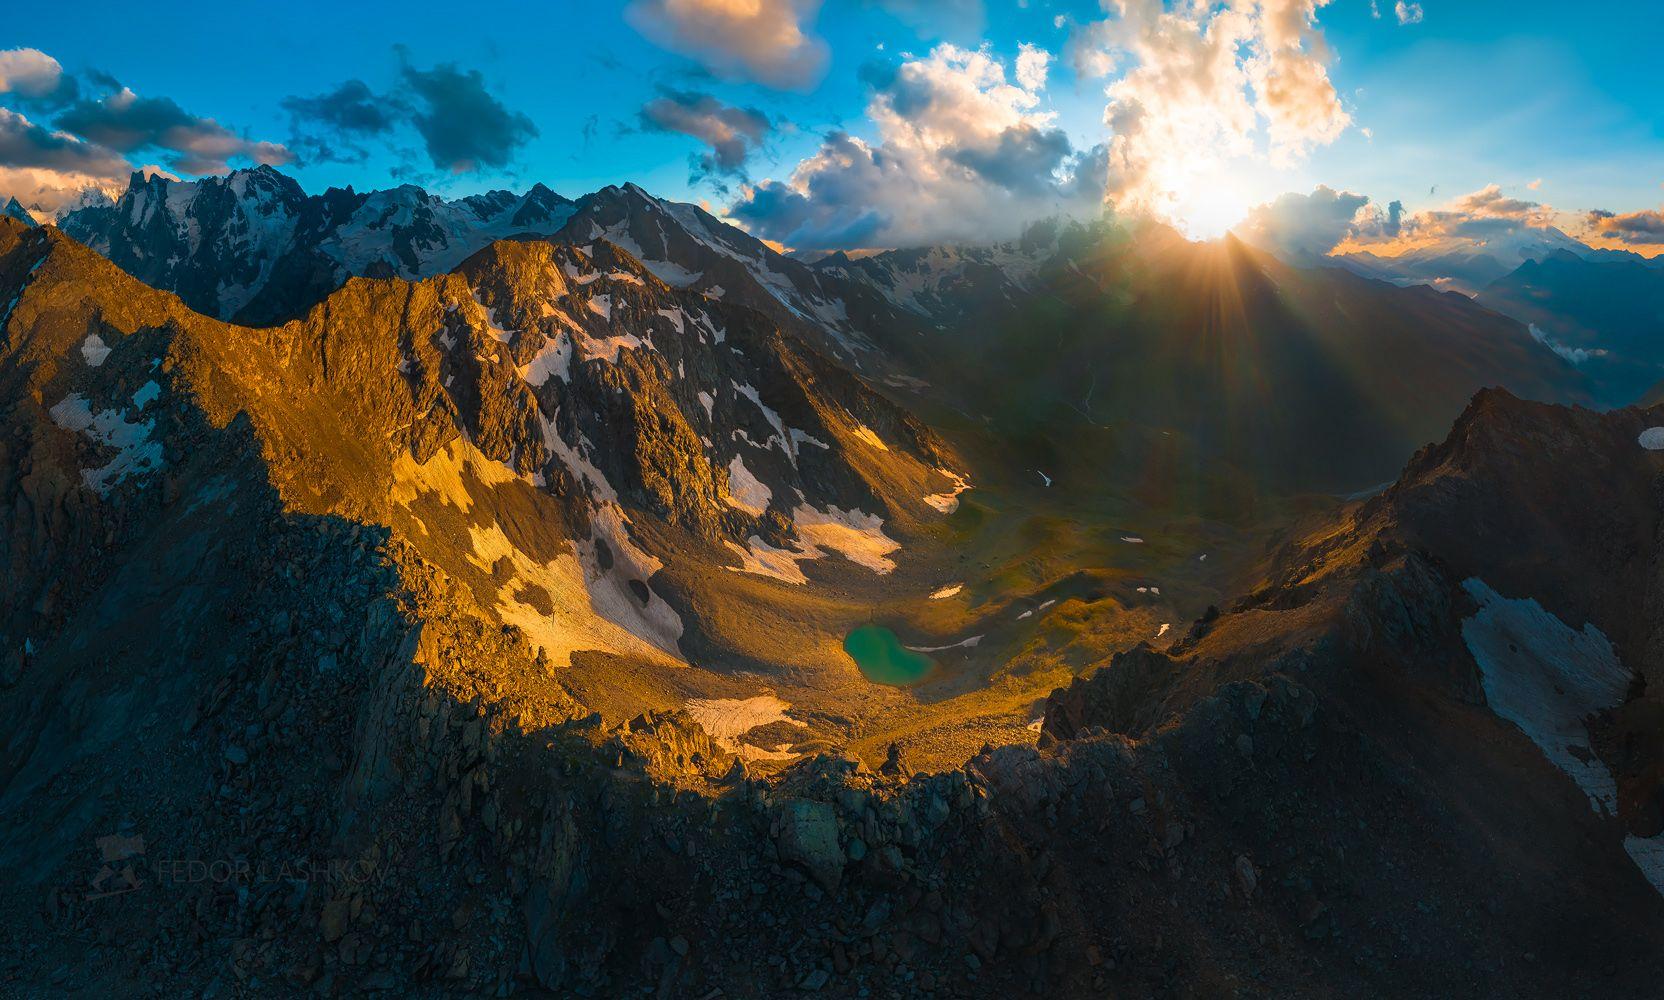 северный кавказ, кабардино-балкарская, кавказский хребет, путешествие, юсеньги, горы, приэльбрусье, ледники, суровый, скалы, вершина, закат, освещение, тёмное, небо, облака, озеро, долина, хребет, перевал,, Лашков Фёдор